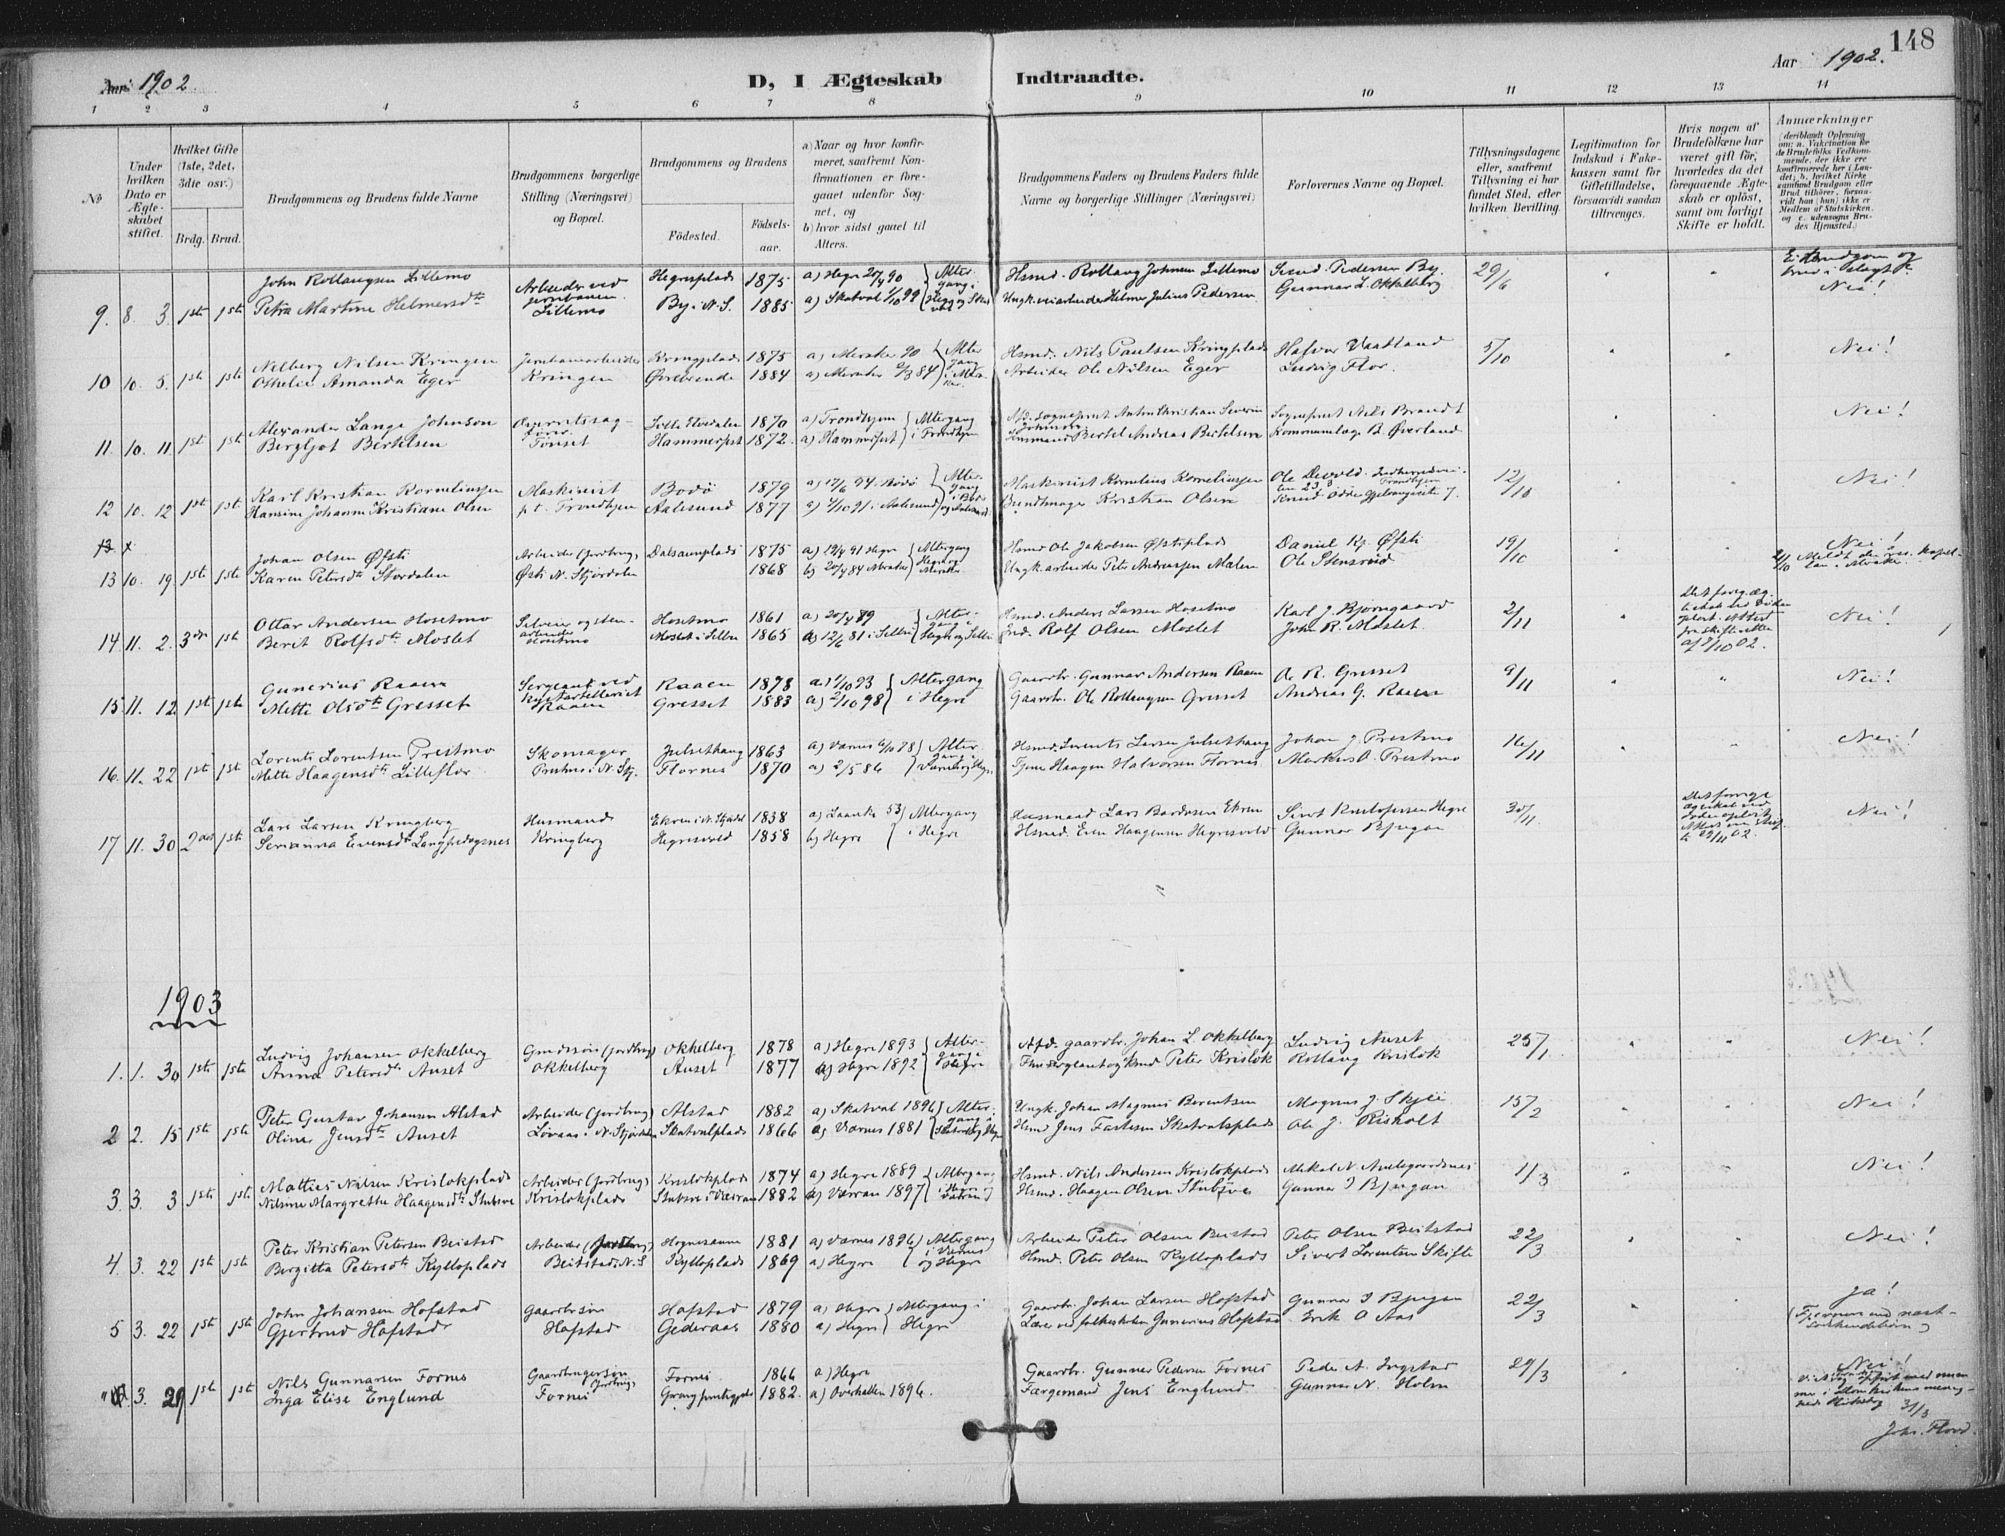 SAT, Ministerialprotokoller, klokkerbøker og fødselsregistre - Nord-Trøndelag, 703/L0031: Ministerialbok nr. 703A04, 1893-1914, s. 148